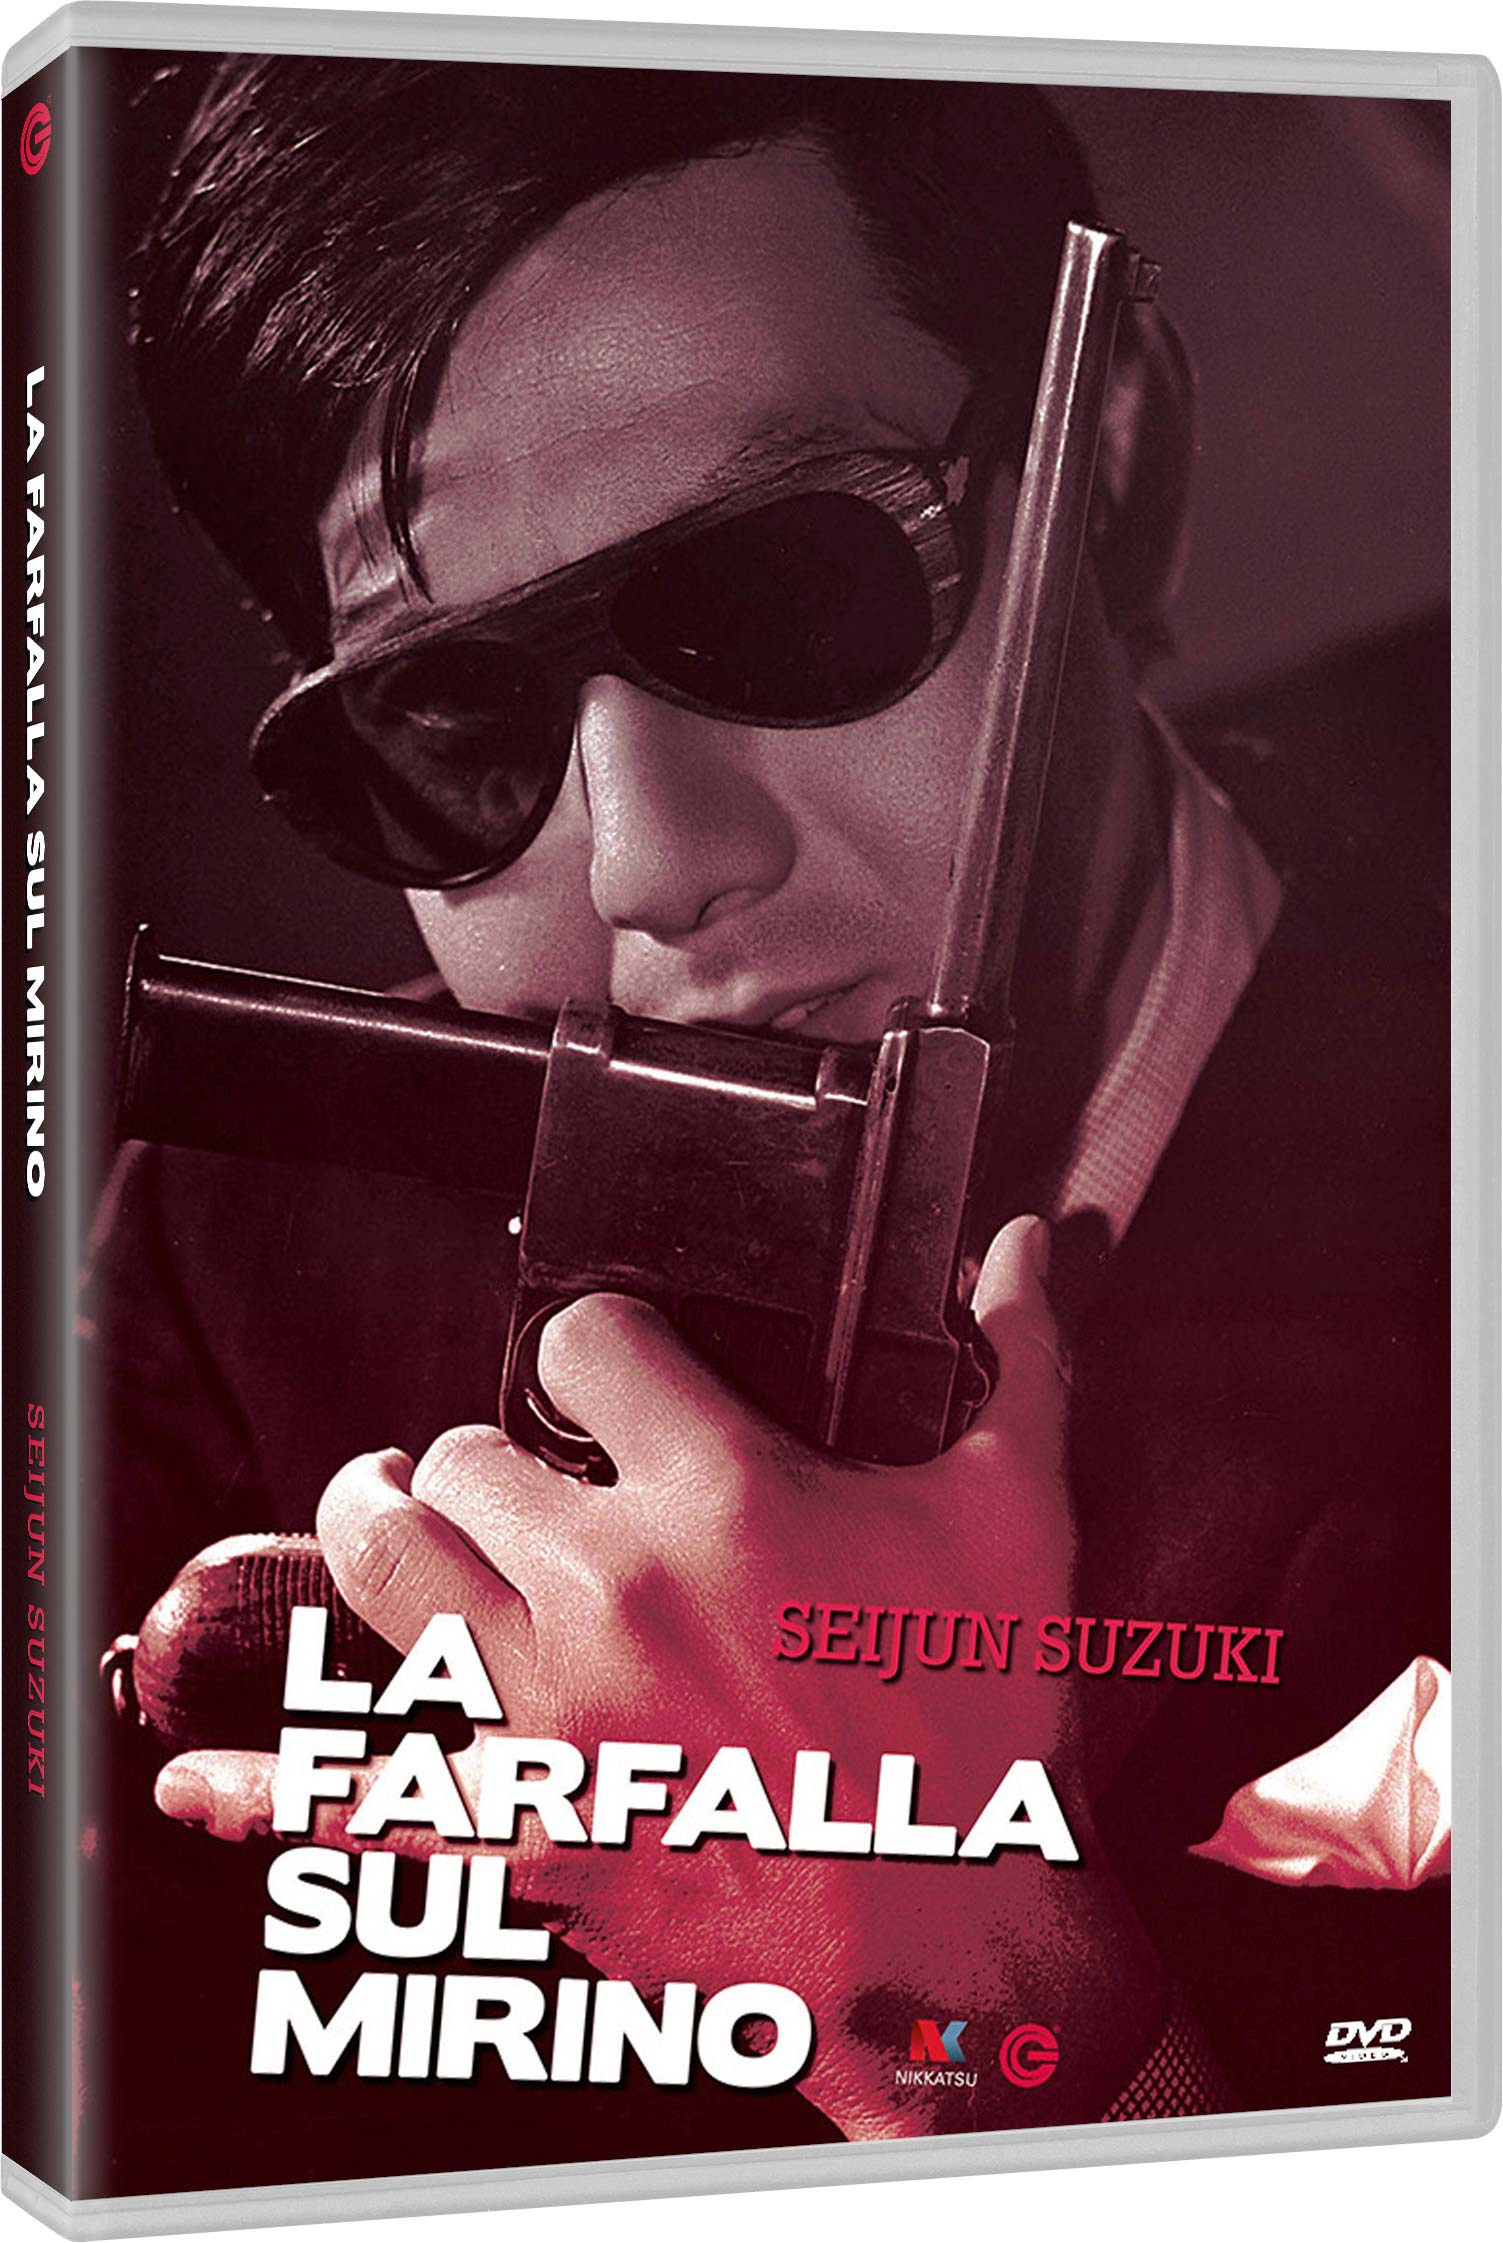 LA FARFALLA SUL MIRINO (DVD)